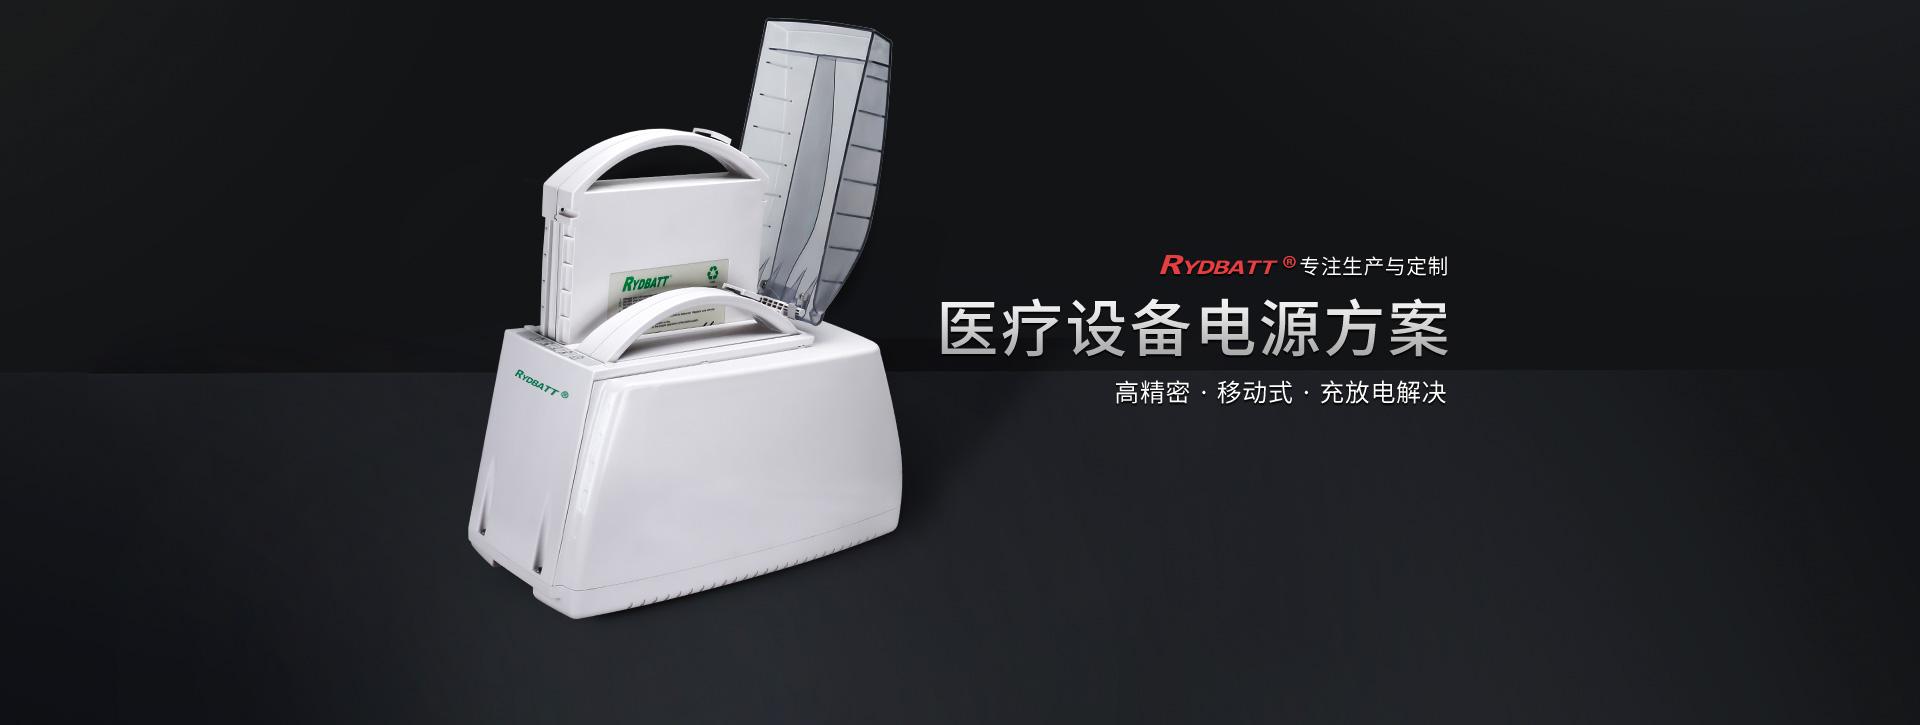 医疗设备锂电池定制